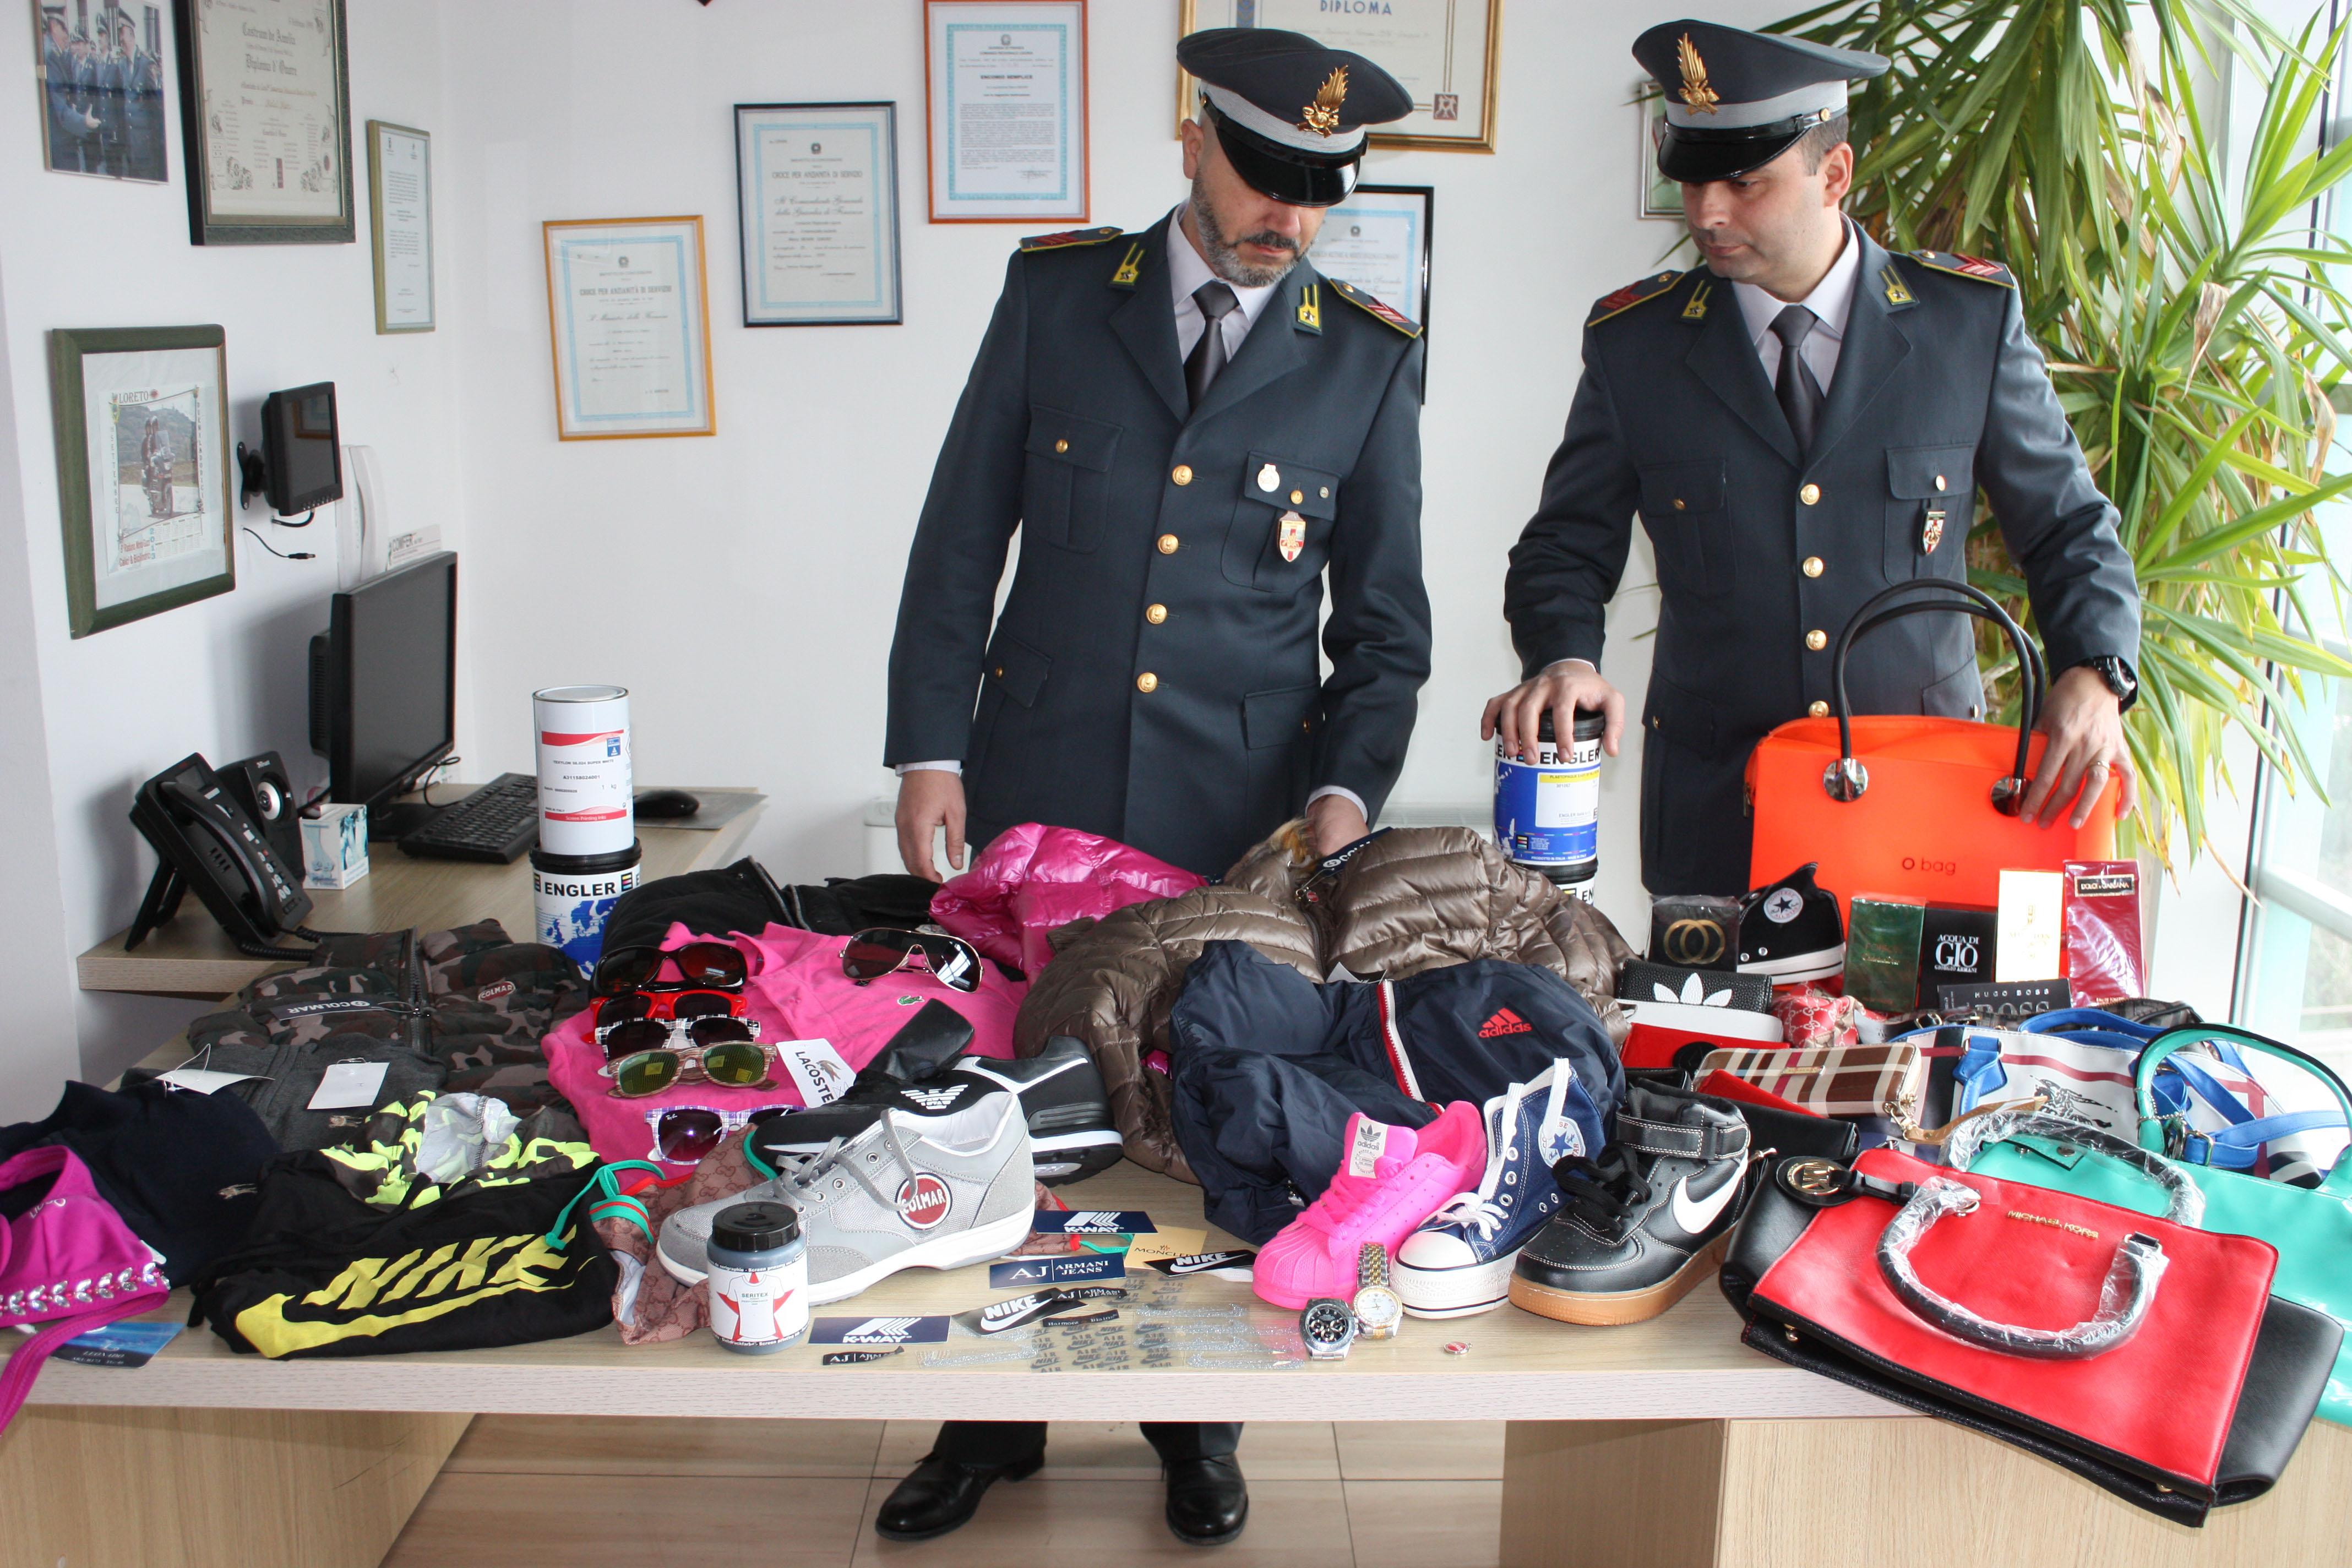 bae04cbb22 GdF: La Spezia, commercio in grande stile di prodotti contraffatti ...